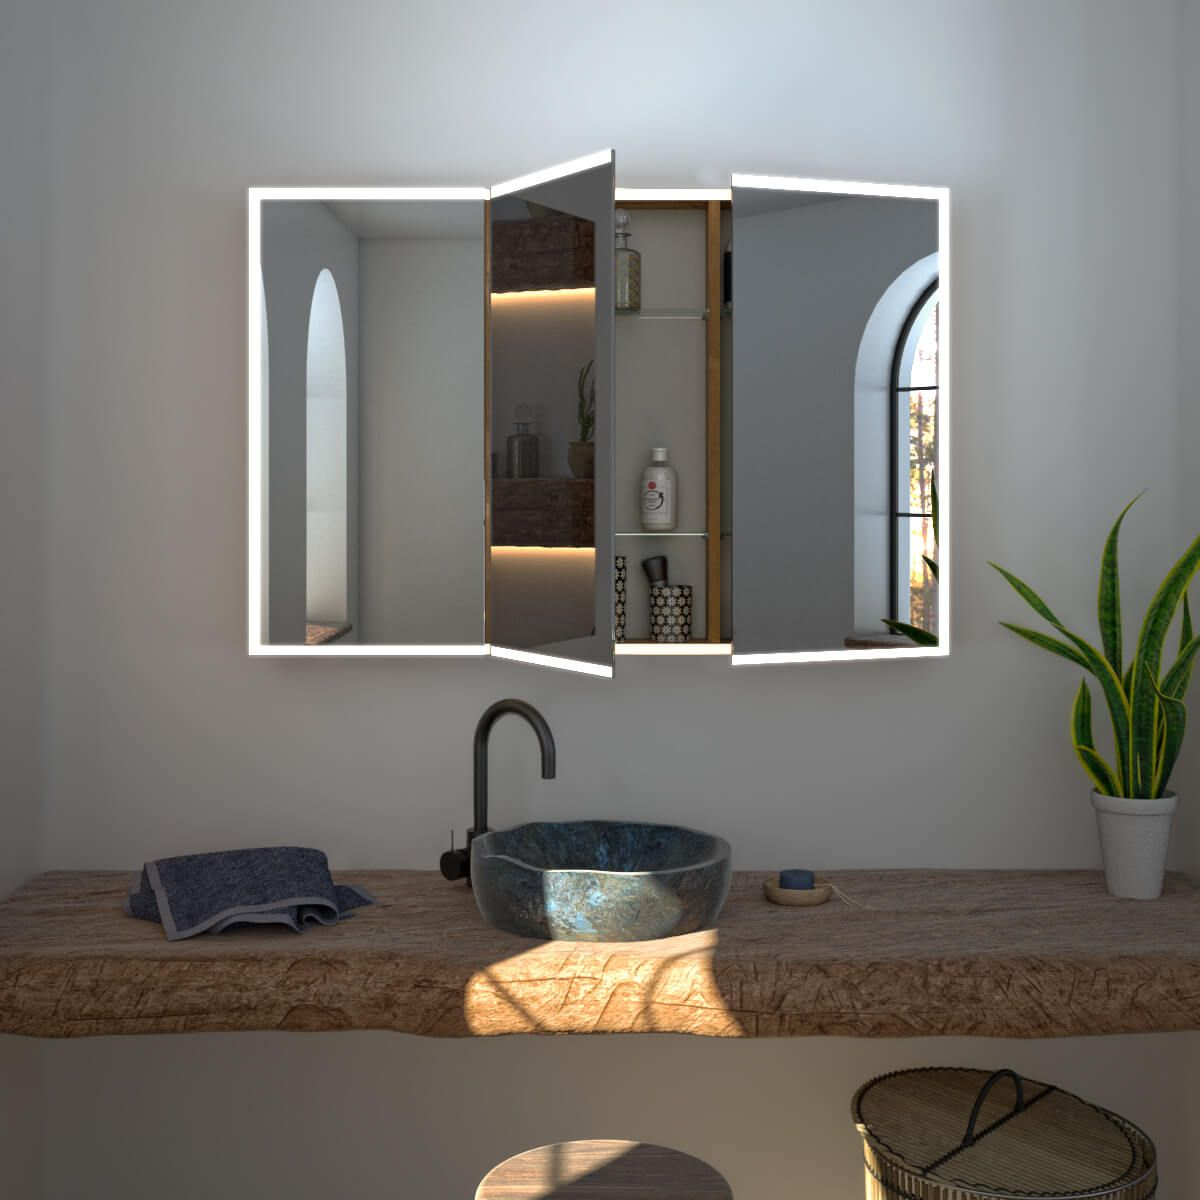 Spiegelschrank Nach Mass Mit Led Credo Bild 2 Spiegelschrank Bad Spiegelschrank Mit Beleuchtung Spiegelschrank Beleuchtung